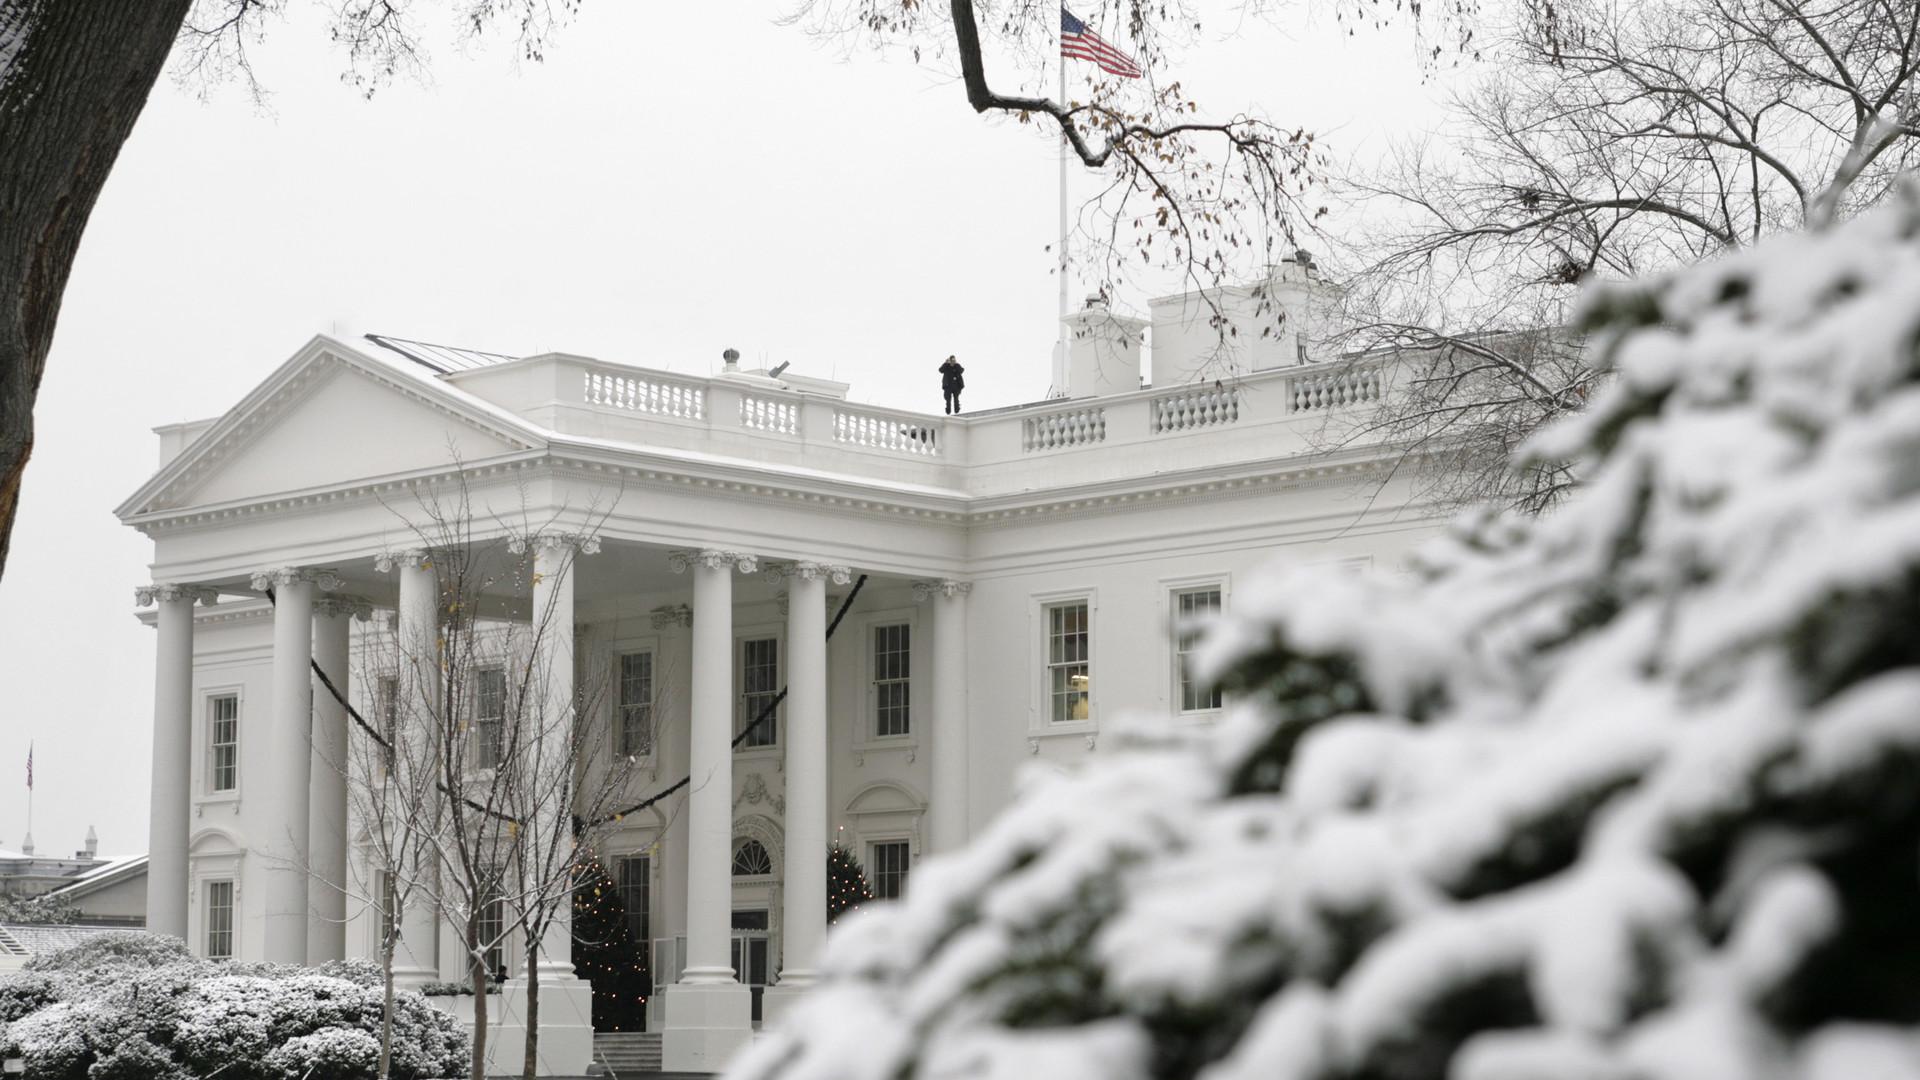 «Бросают вызов американскому могуществу»: Белый дом назвал Россию и Китай в числе первых угроз для США